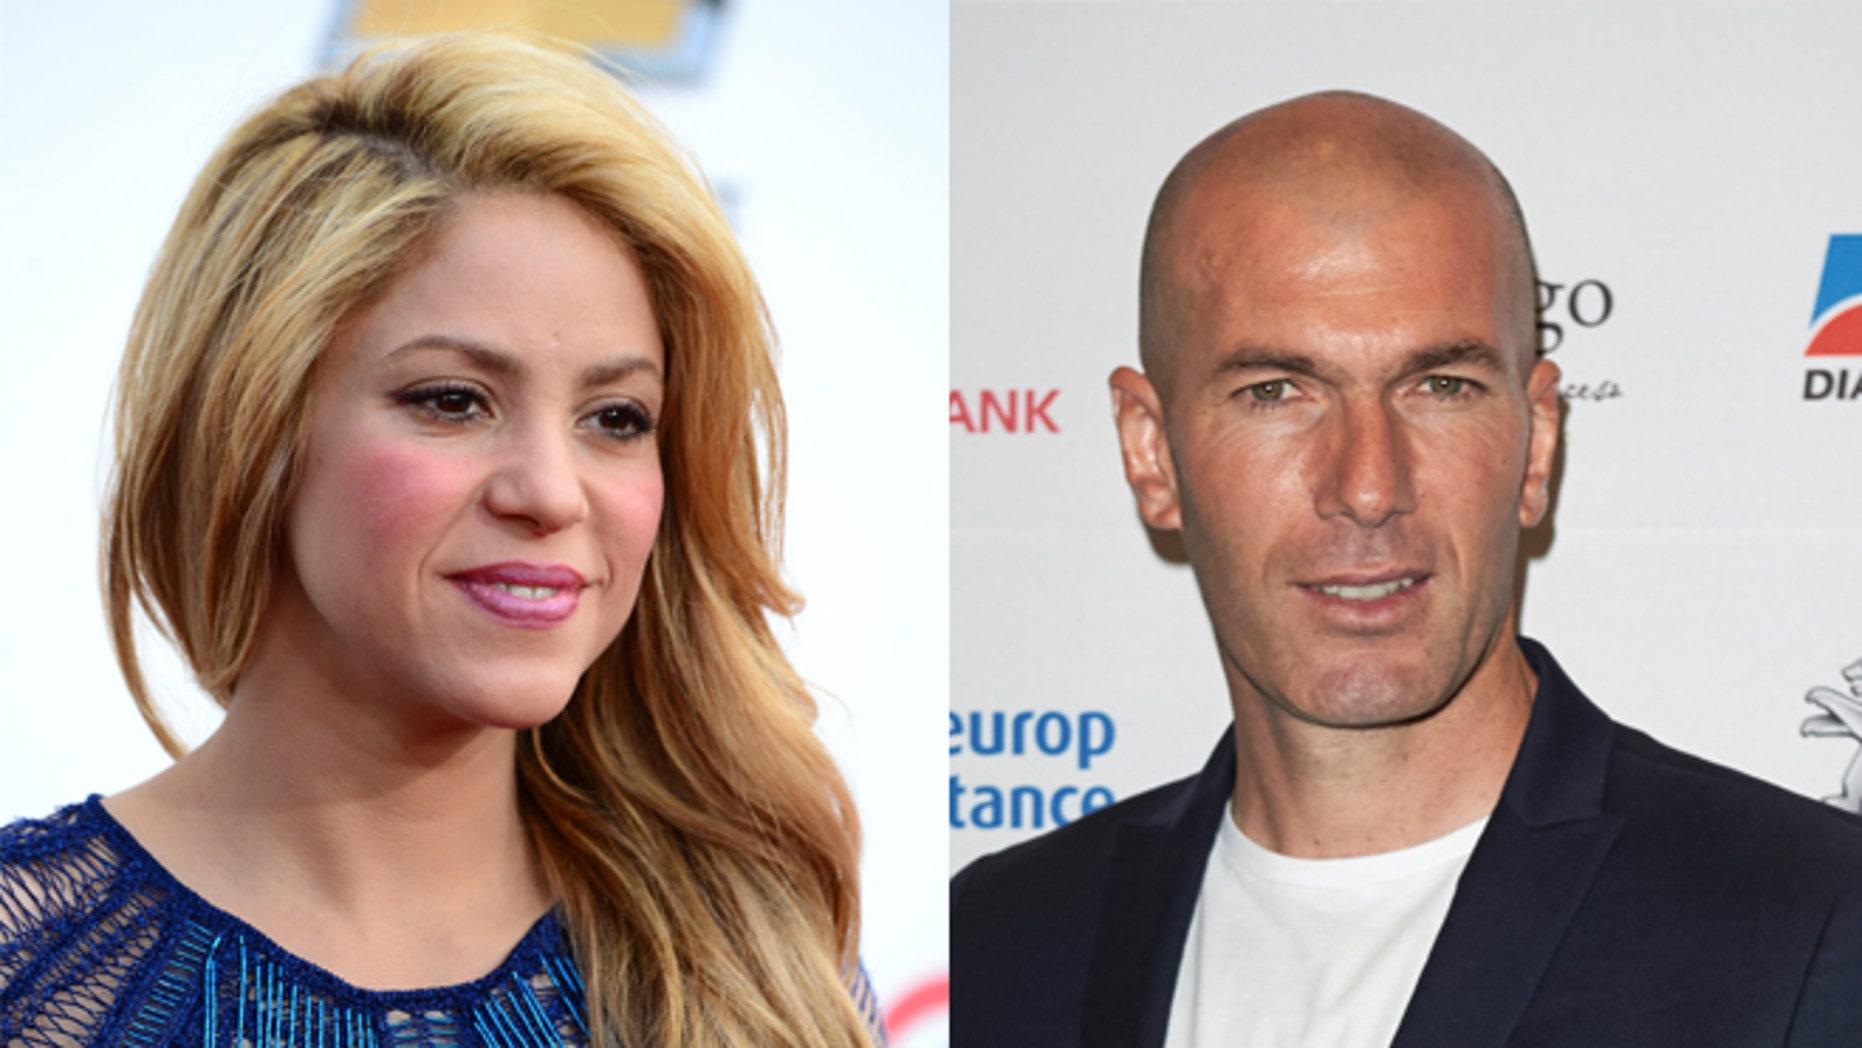 Shakira (left) and Zinedine Zidane. (Photos: Getty Images)